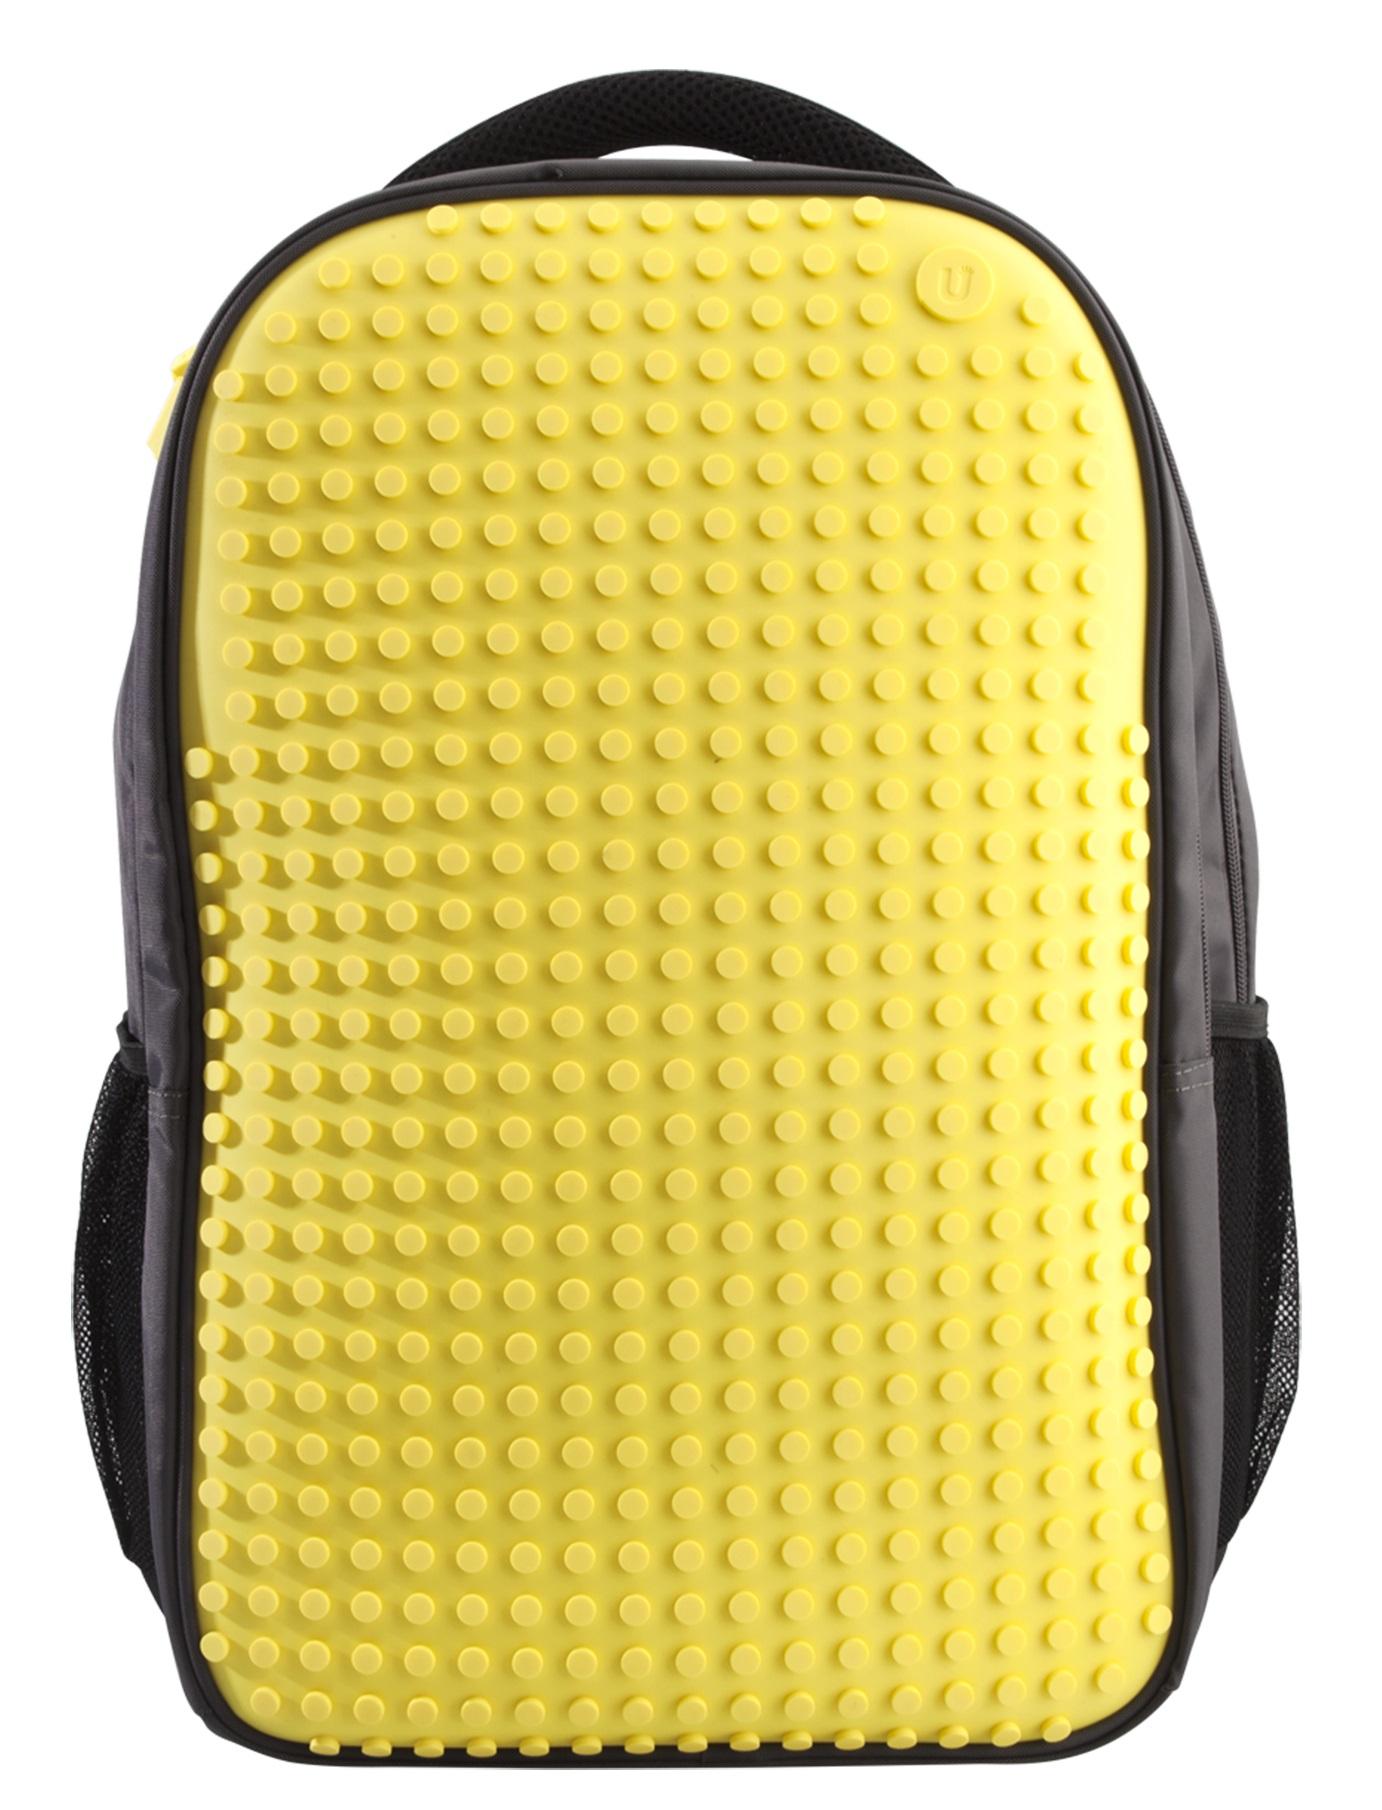 Пиксельный рюкзак для ноутбука (Full Screen Biz Backpack/Laptop bag) WY-A009 (Желтый) #8572. пиксельный, рюкзак